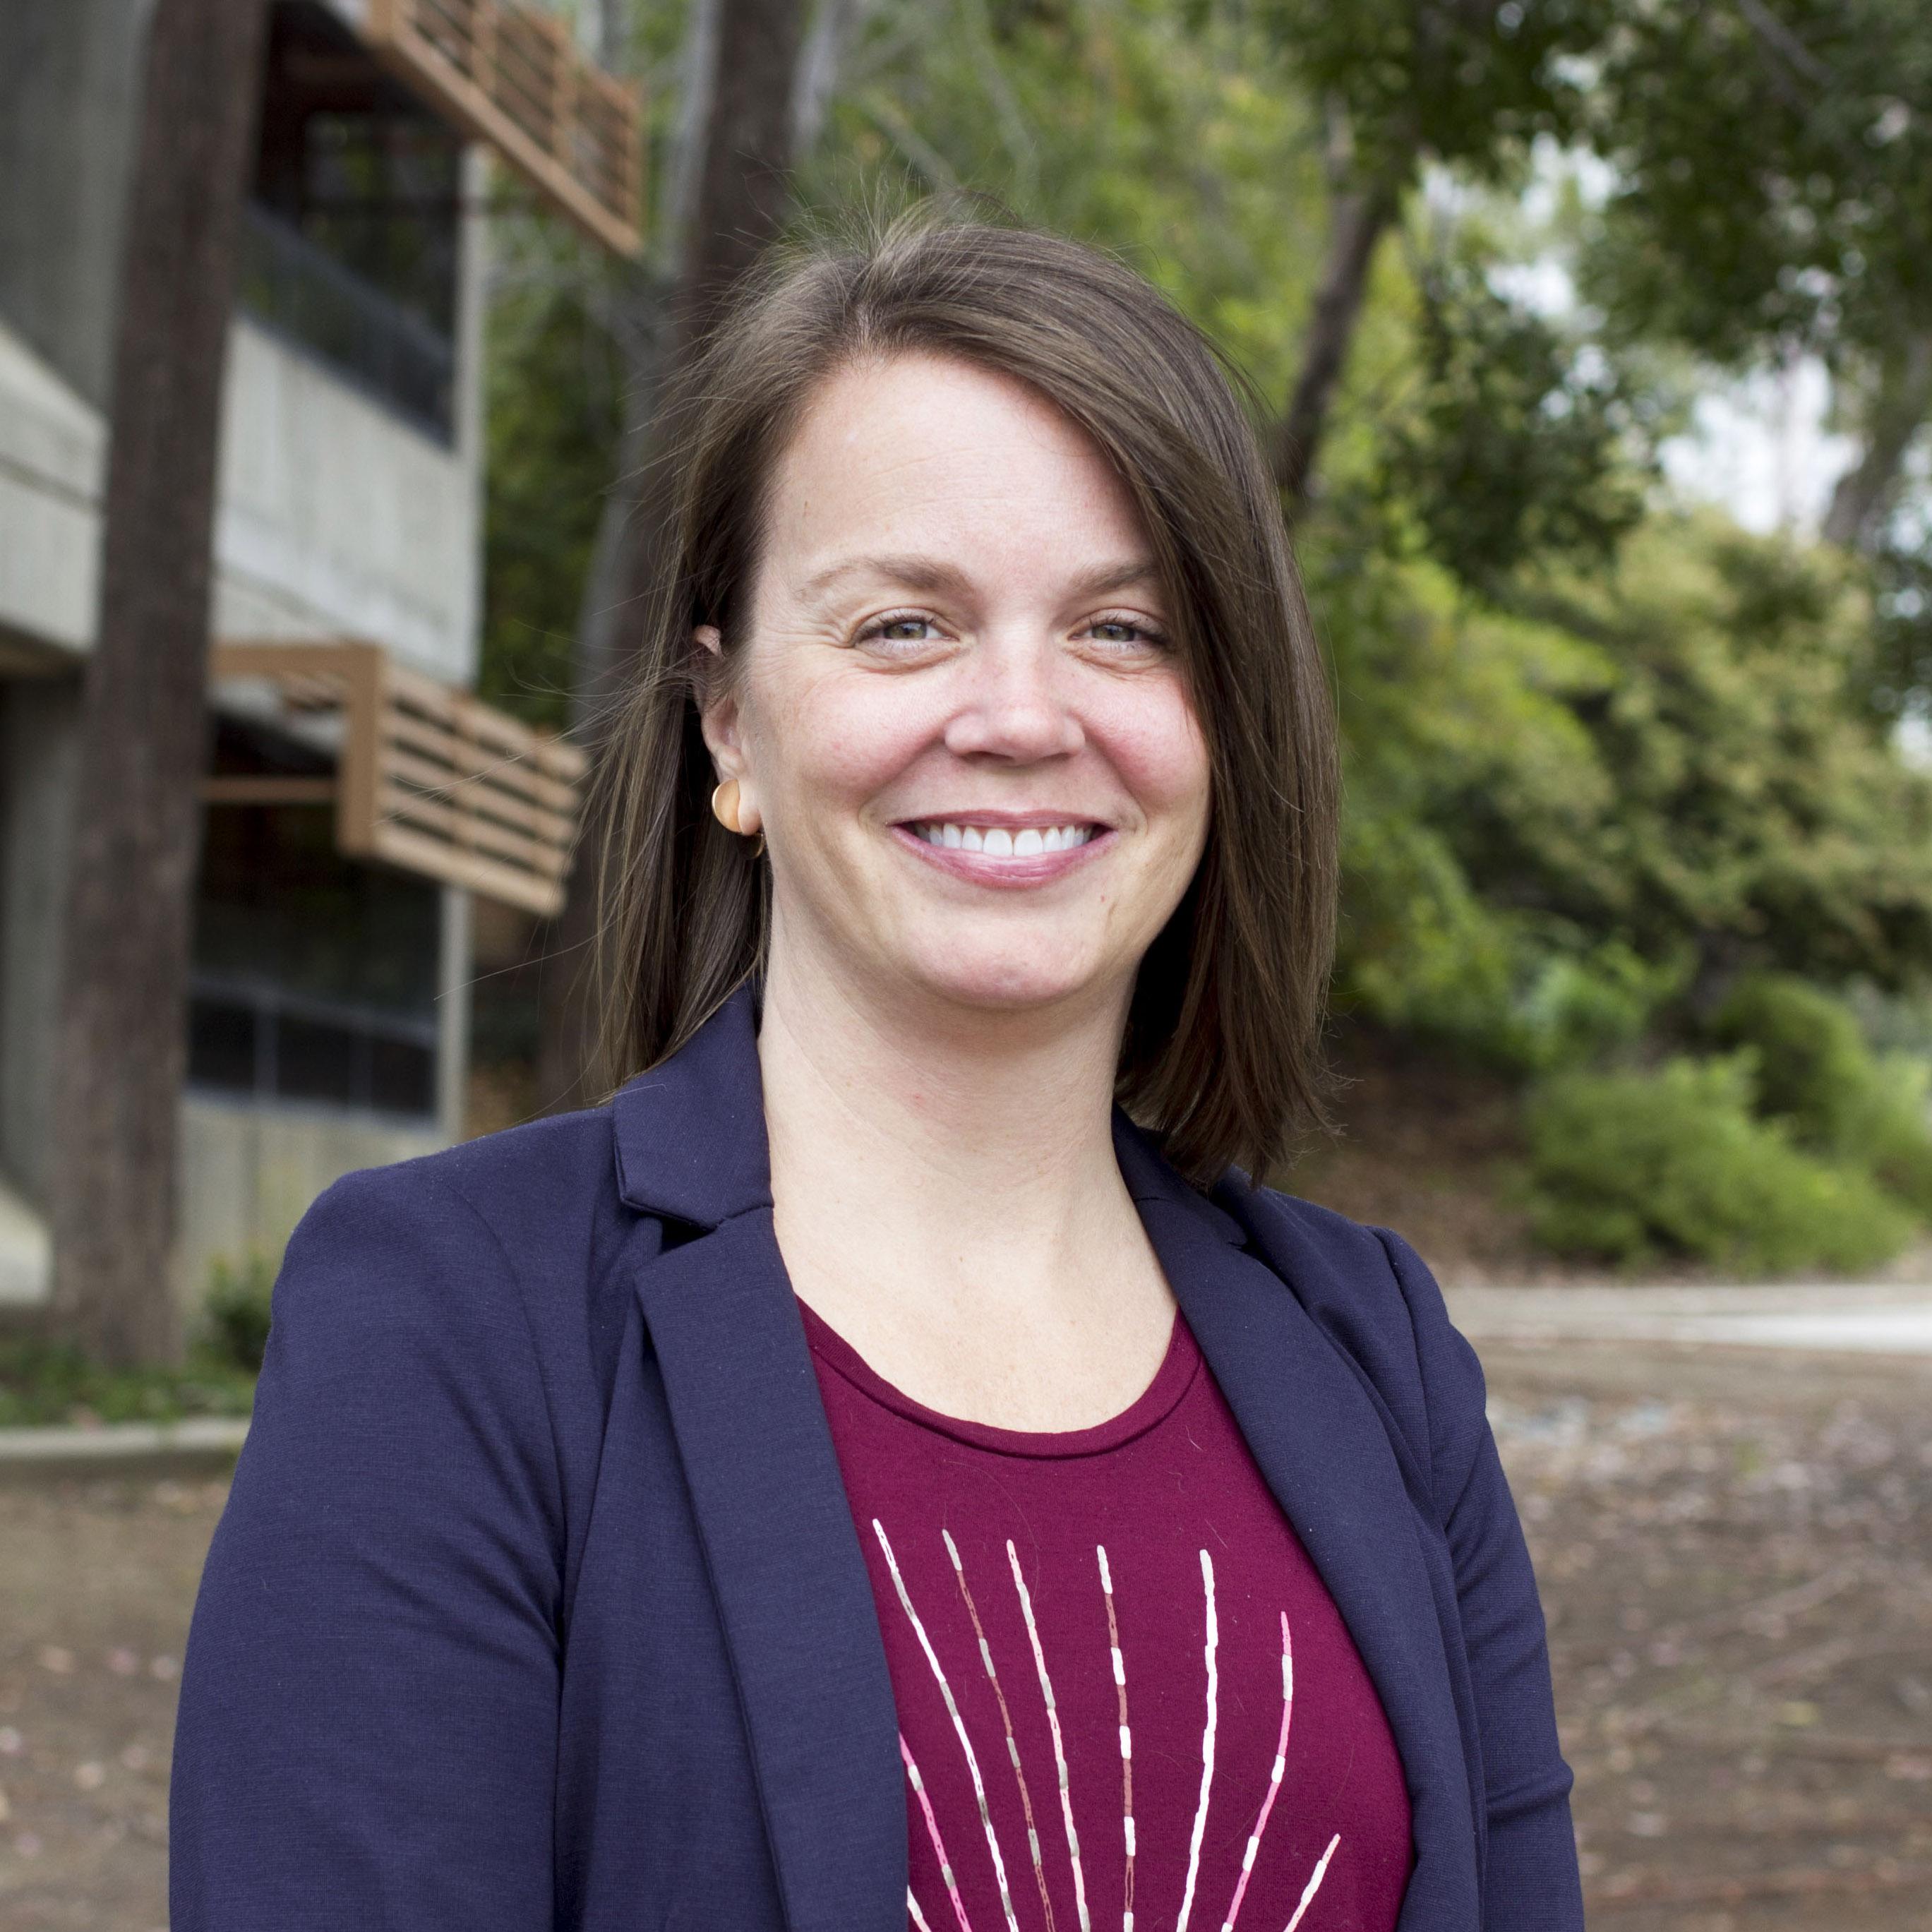 Dr. Emily Ryalls